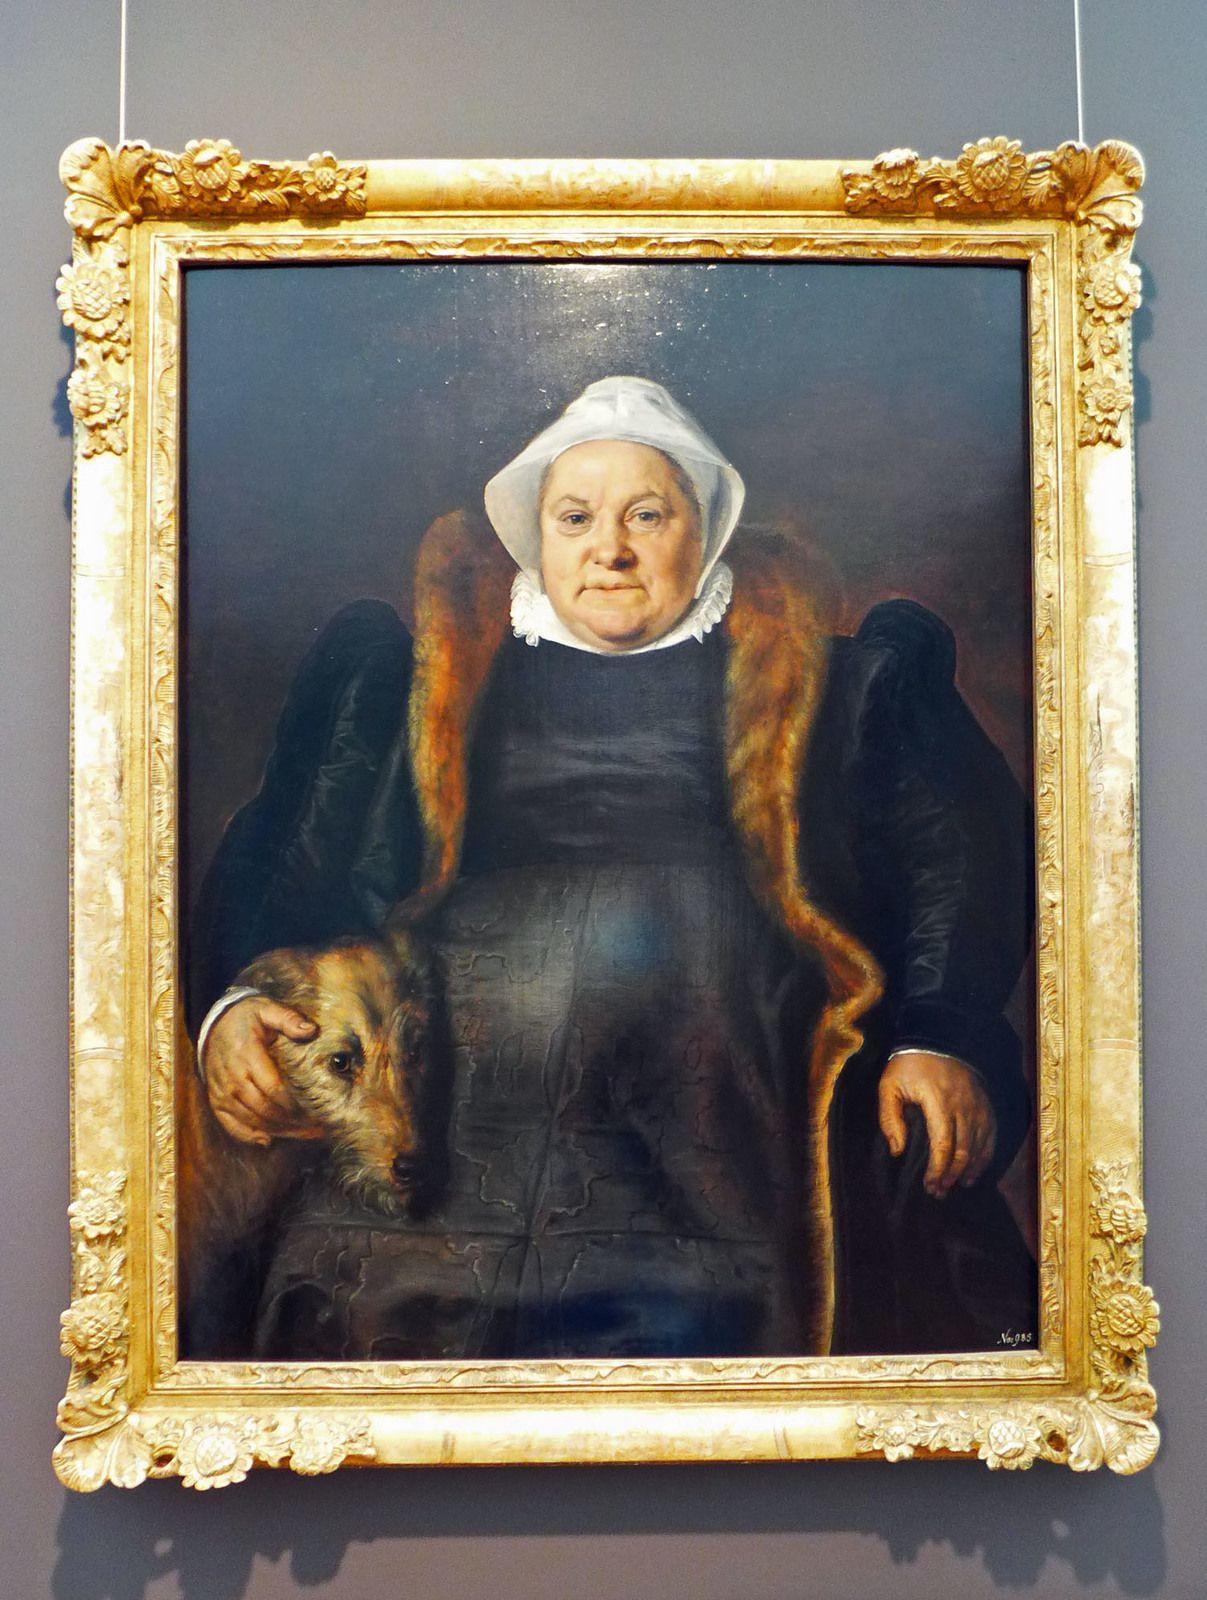 Floris de VRIENDT dit Frans FLORIS (1516-1570), Portrait de dame âgée (1558)